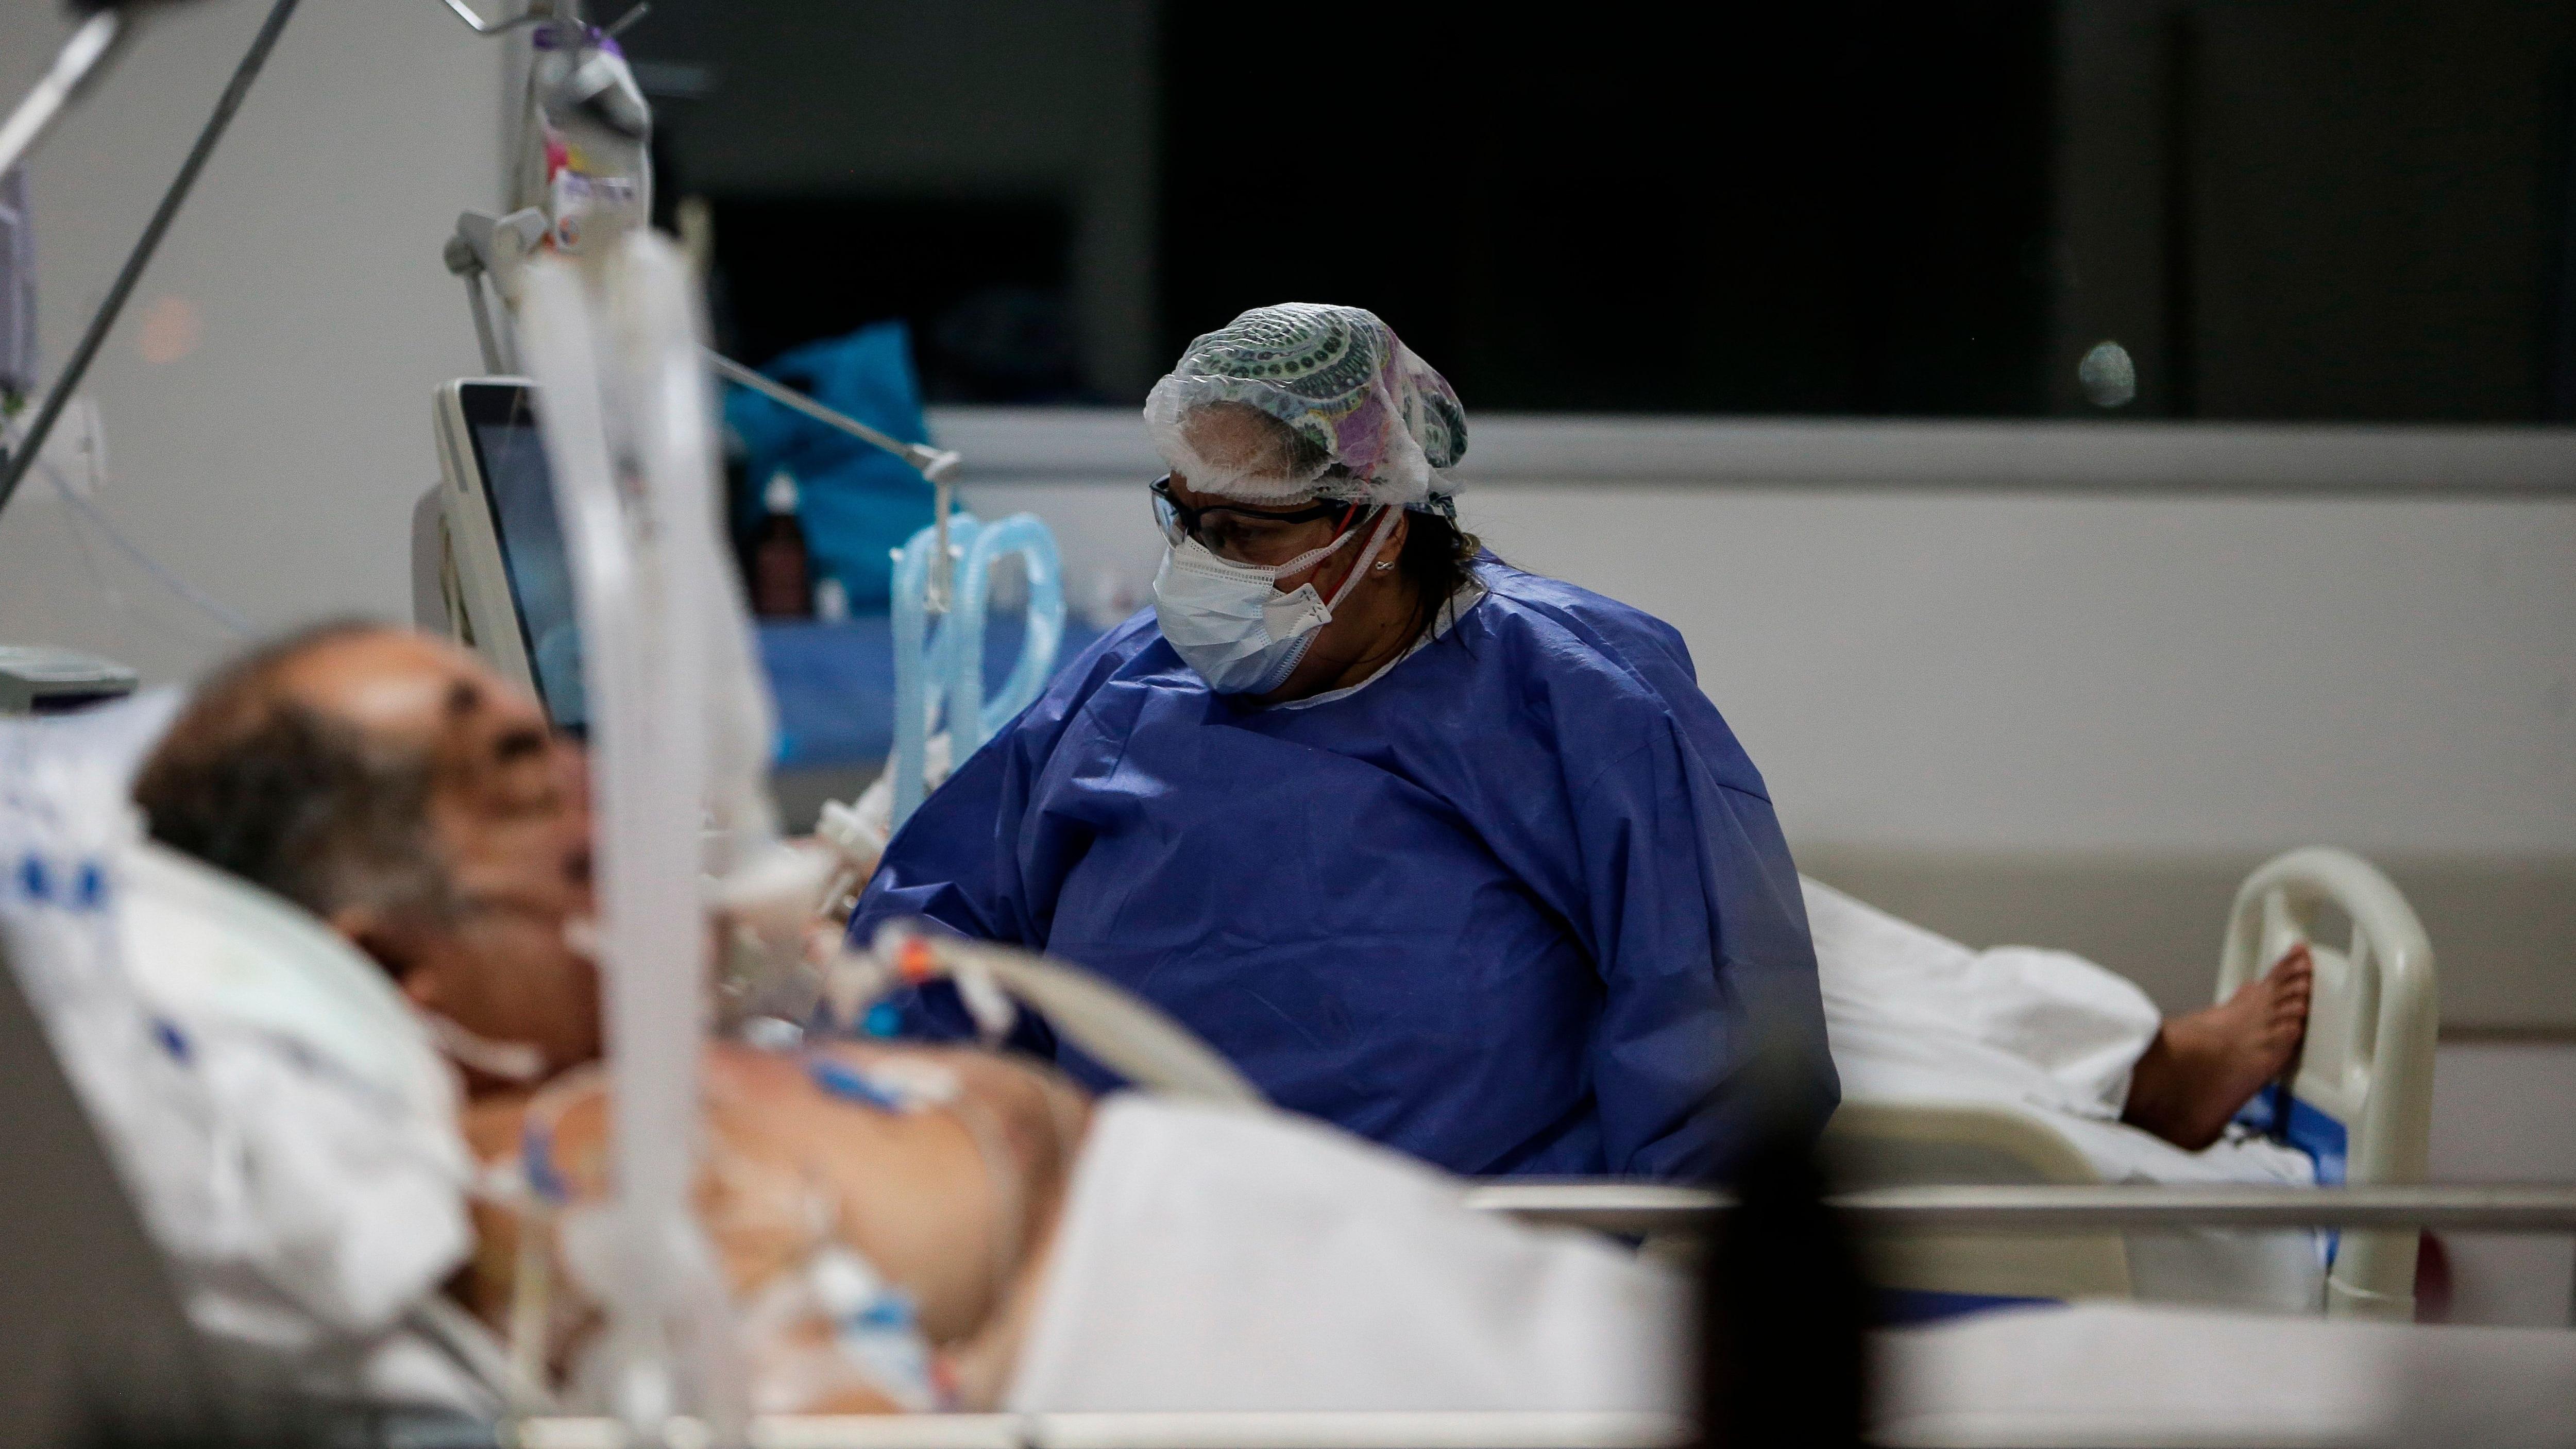 Argentina atraviesa desde principios de abril un vertiginoso aumento de los casos de covid-19, con creciente nivel de ocupación de camas en las unidades de terapia intensiva. EFE/Juan Ignacio Roncoroni/Archivo